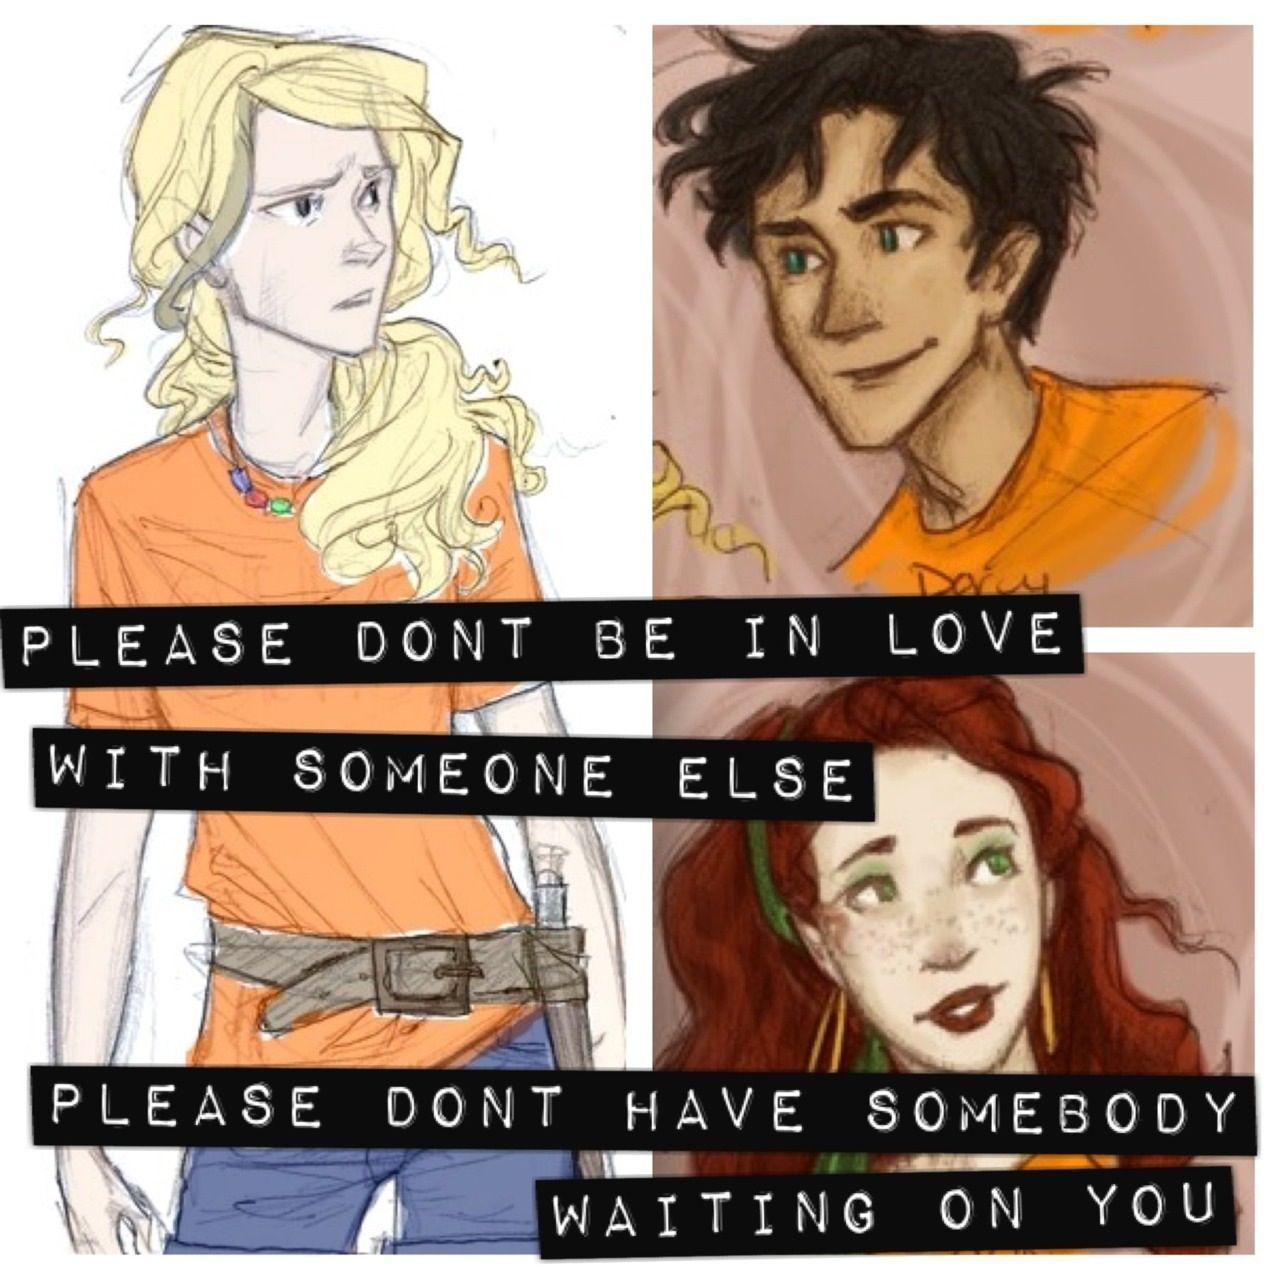 Percy Jackson, Annabeth Chase, and Rachel Elizabeth Dare